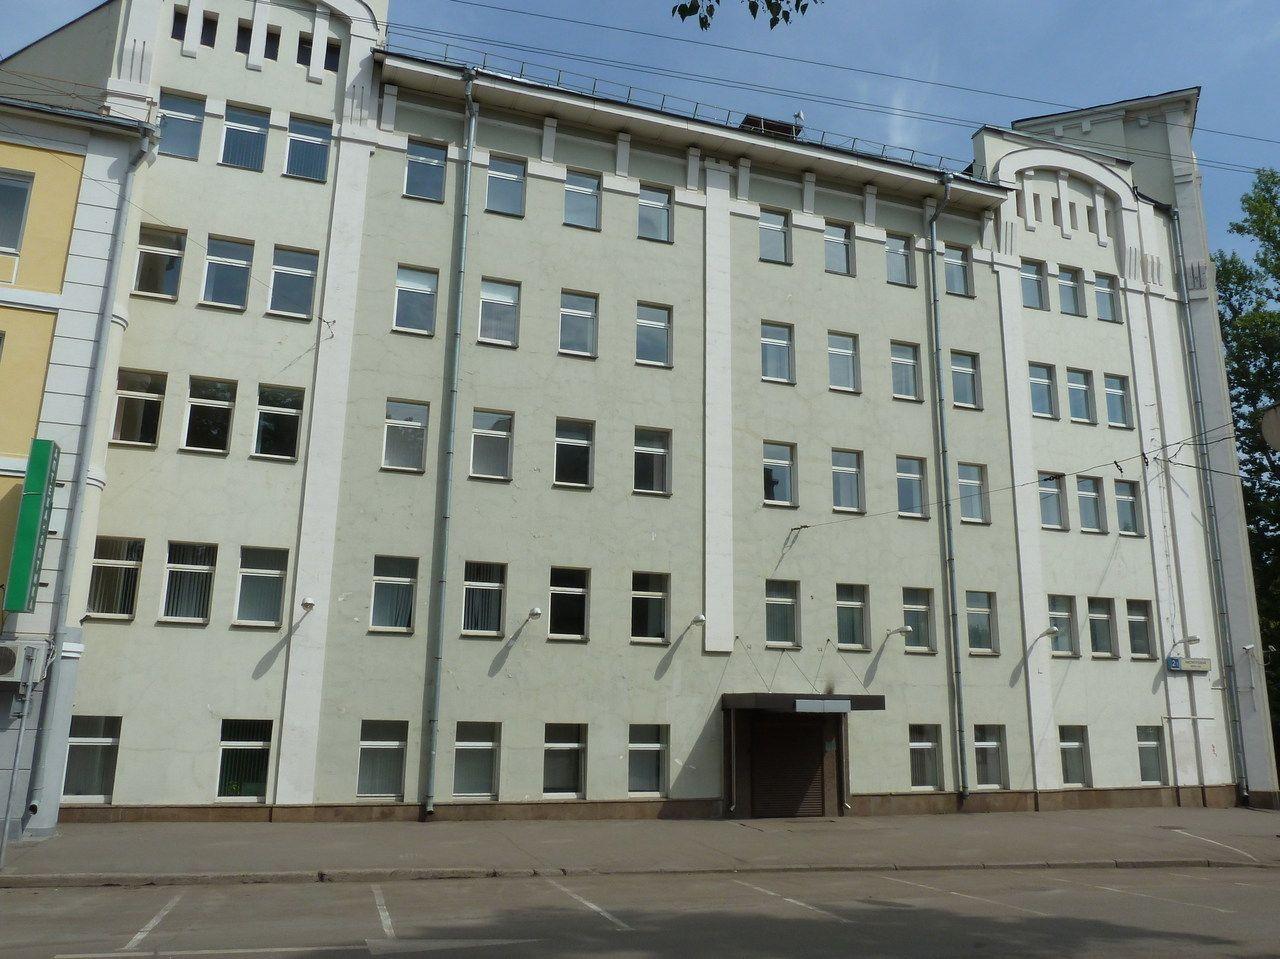 Помещение для фирмы Институтский 1-й проезд недвижимость в тобольске коммерческая